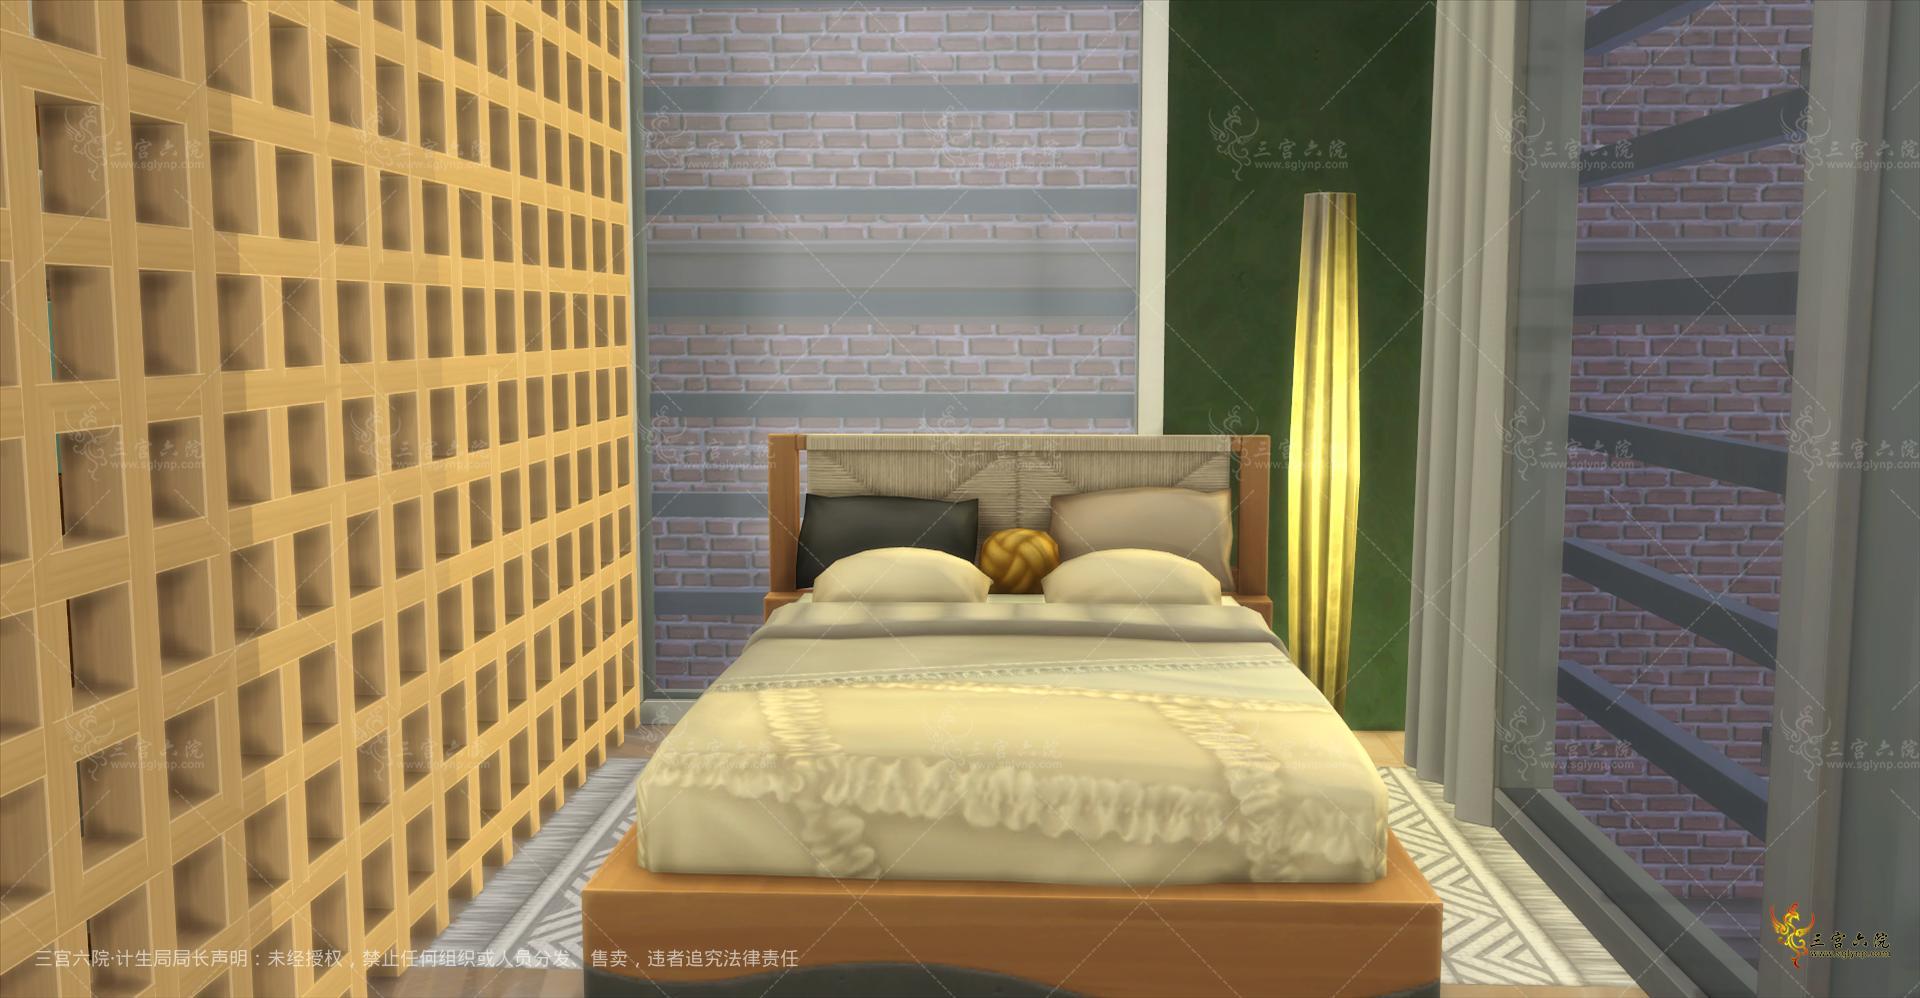 Sims 4 Screenshot 2021.08.23 - 09.00.29.14.png